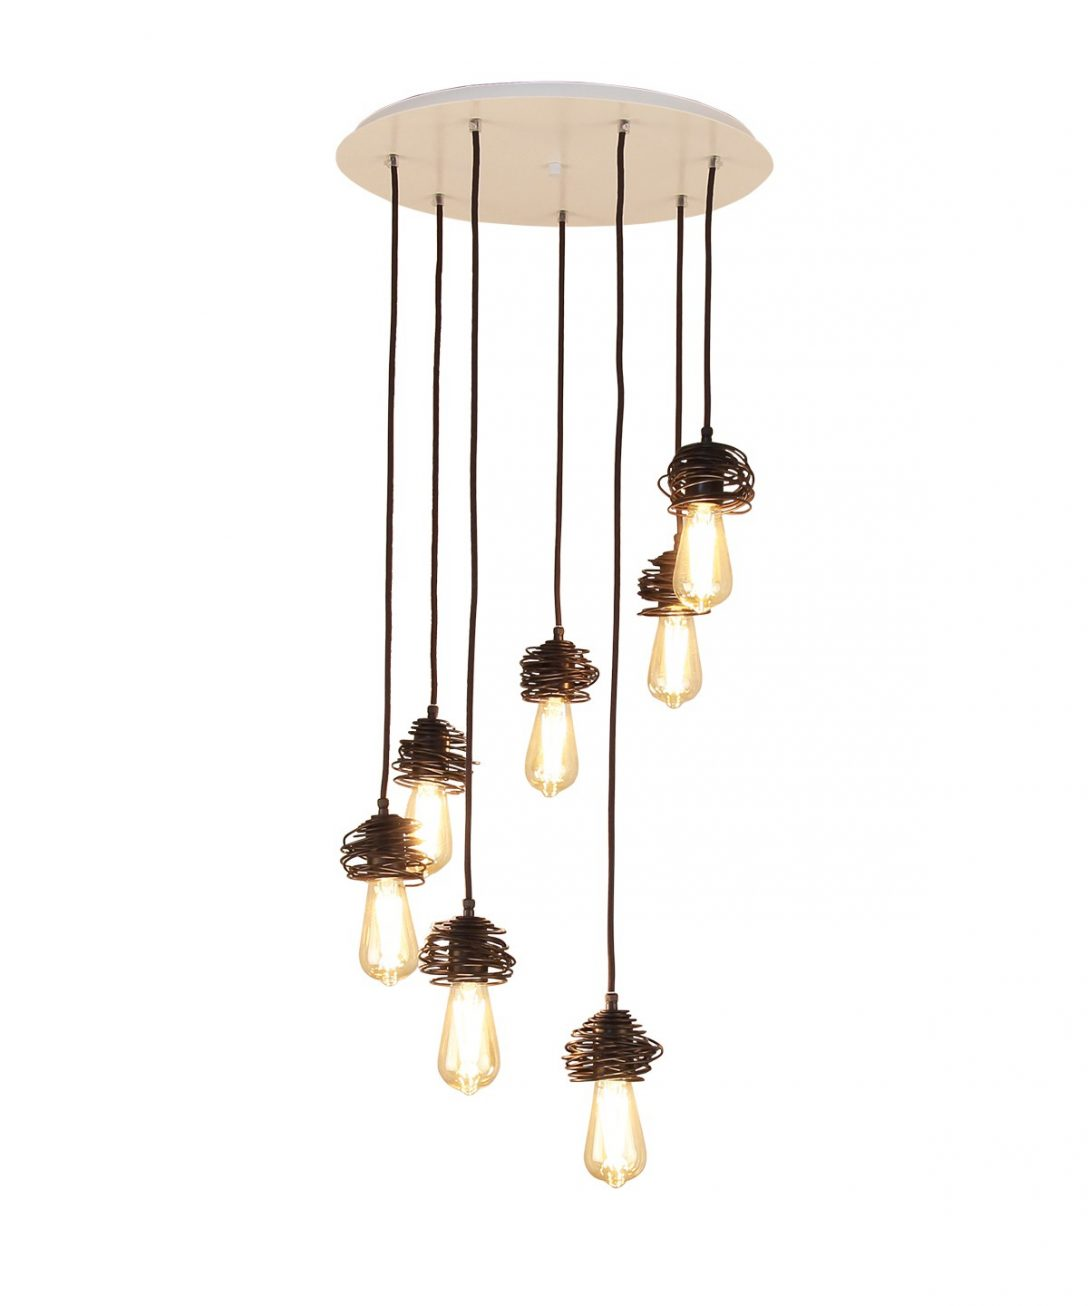 Large Size of Küchenlampen Kchenlampe Landhaus Rustikal Einfach Online Kaufen Wohnzimmer Küchenlampen